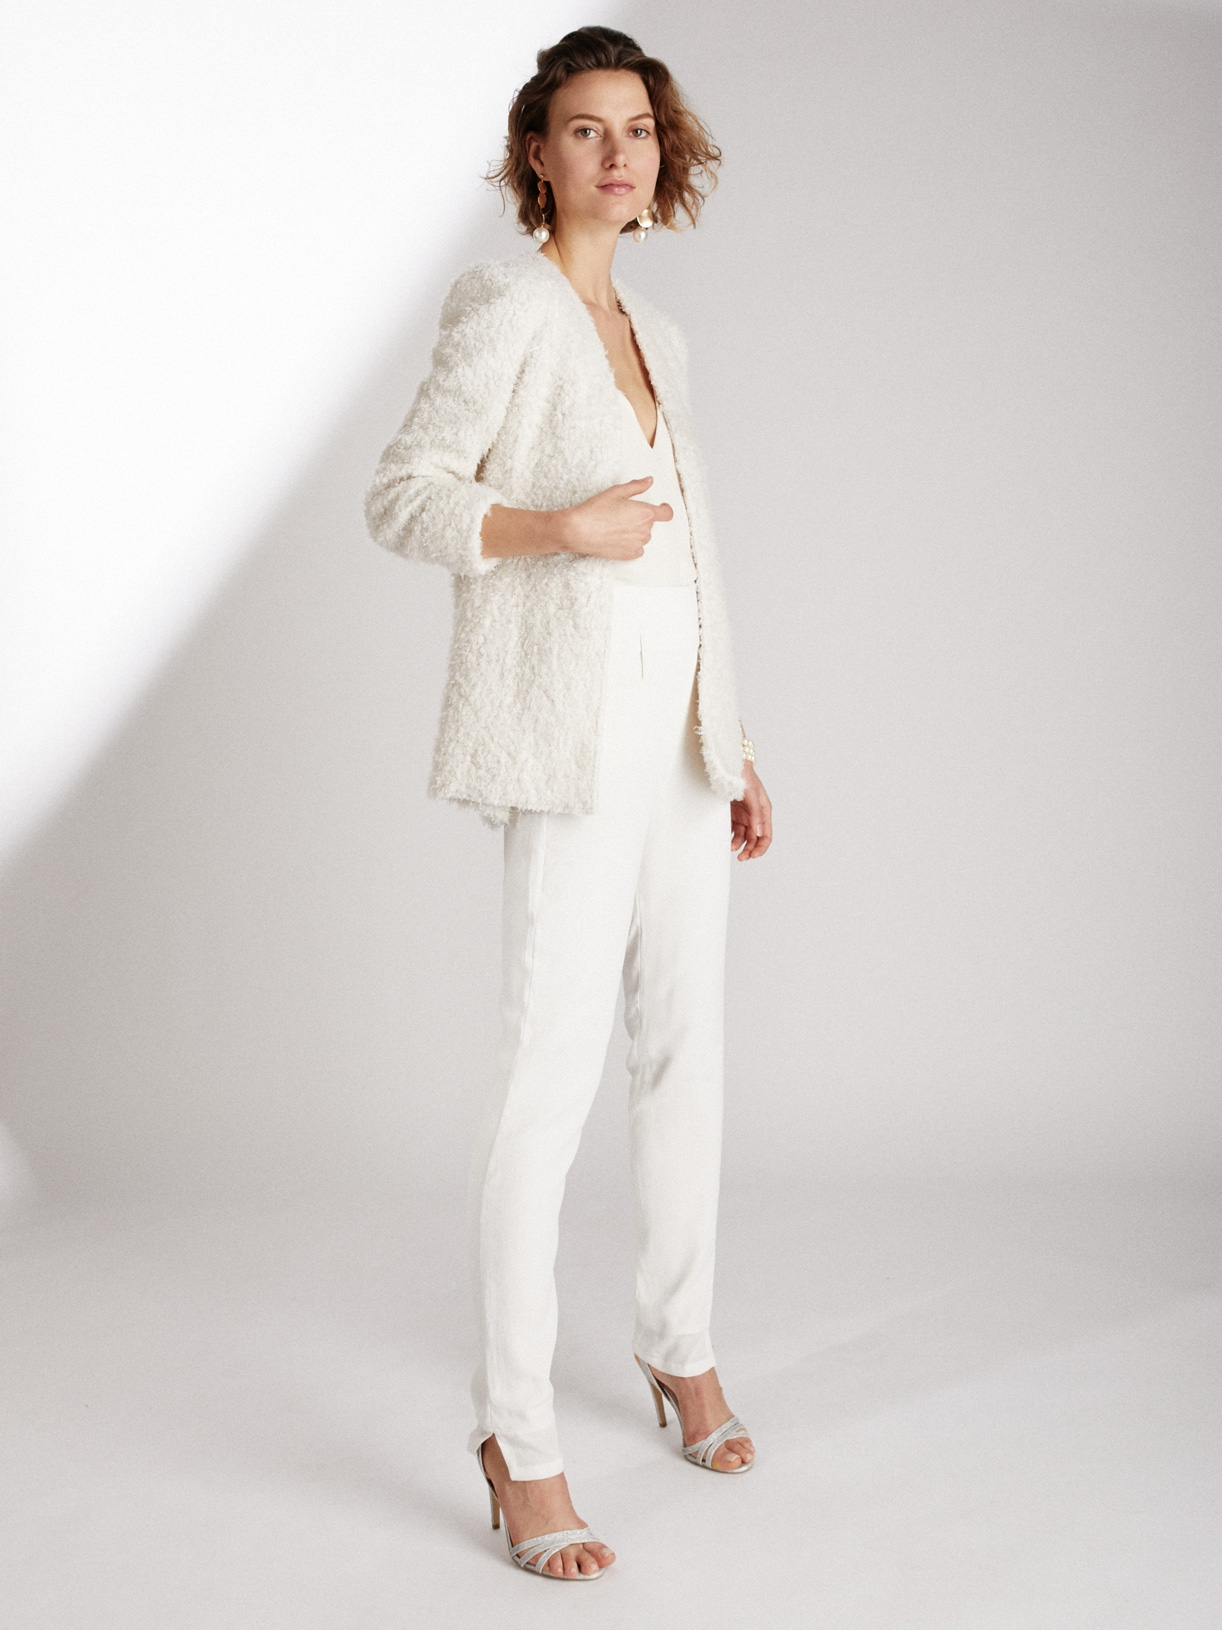 Veste de mariée hiver en fourrure écoresponsable - Creatrice de robe de mariée éthique et bio a Paris - Myphilosophy